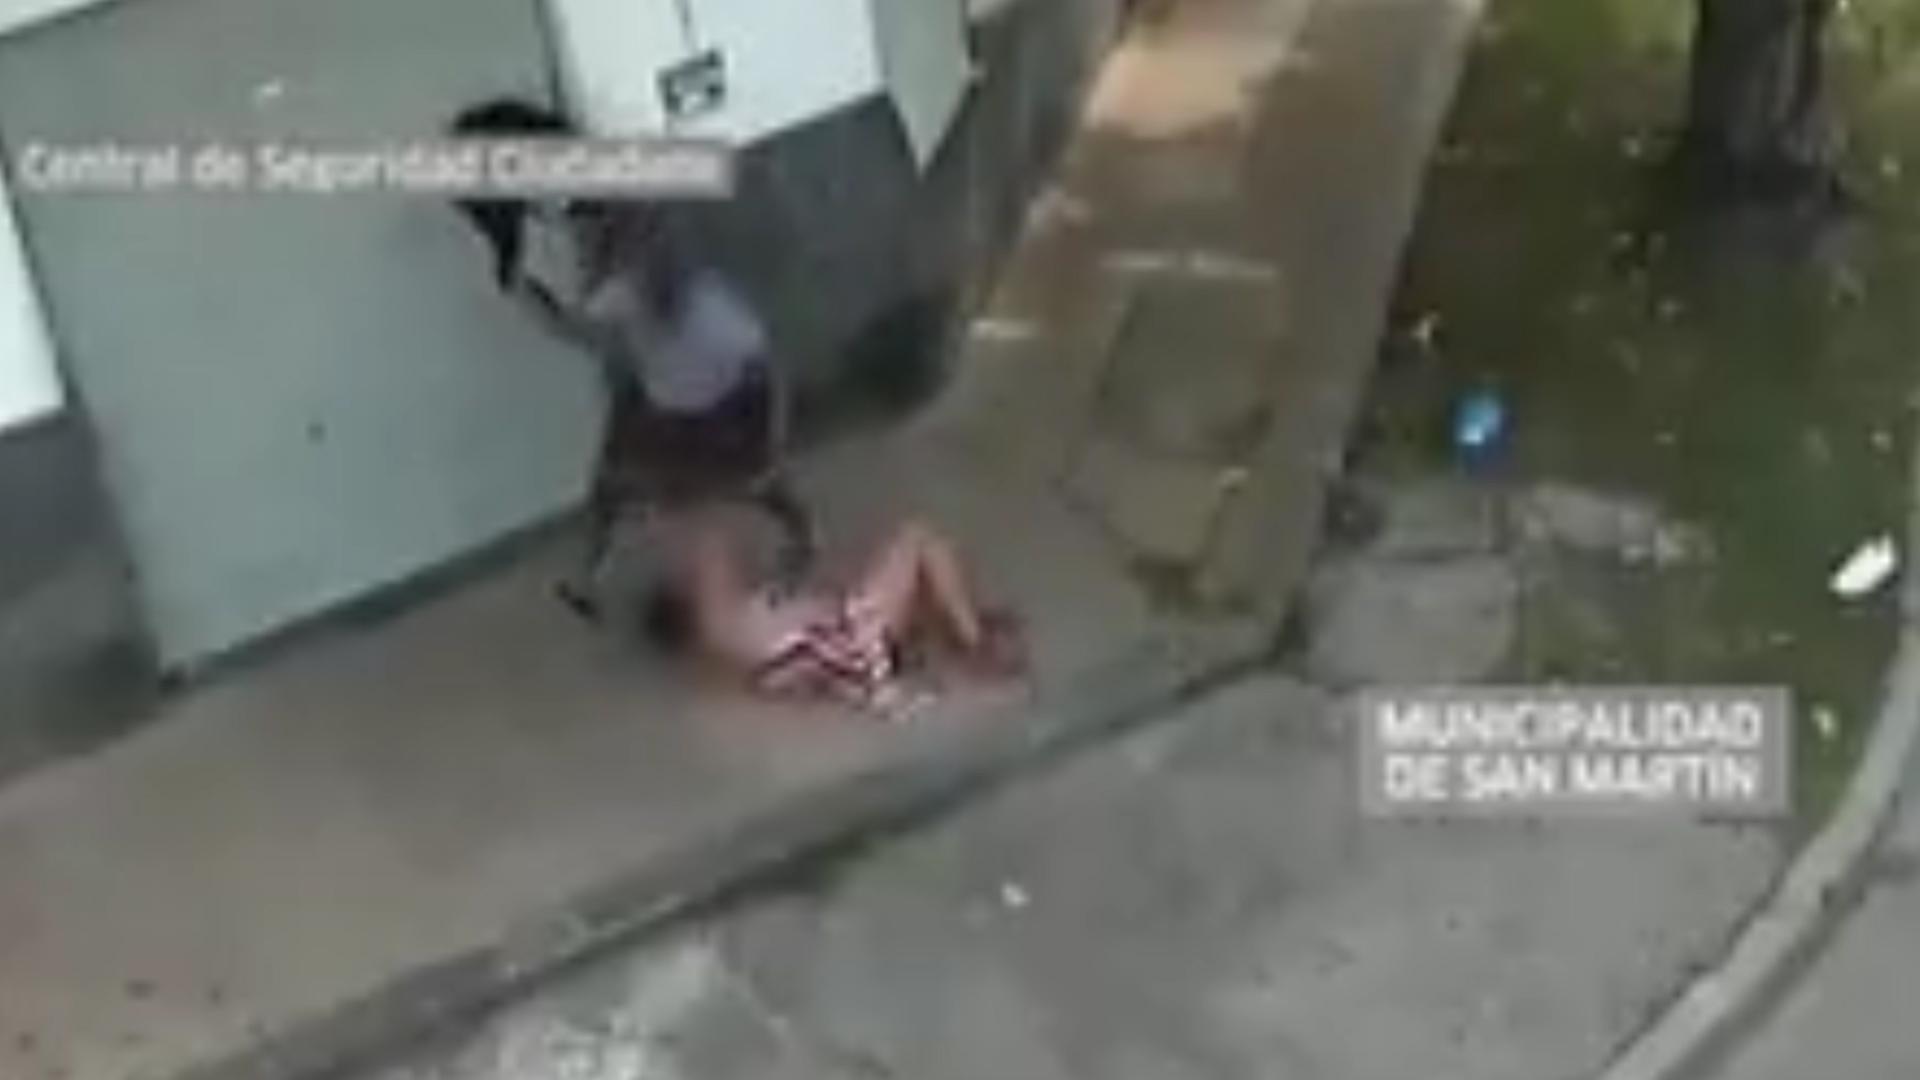 Las imágenes fueron captadas por la Central de Seguridad Ciudadana de San Martín